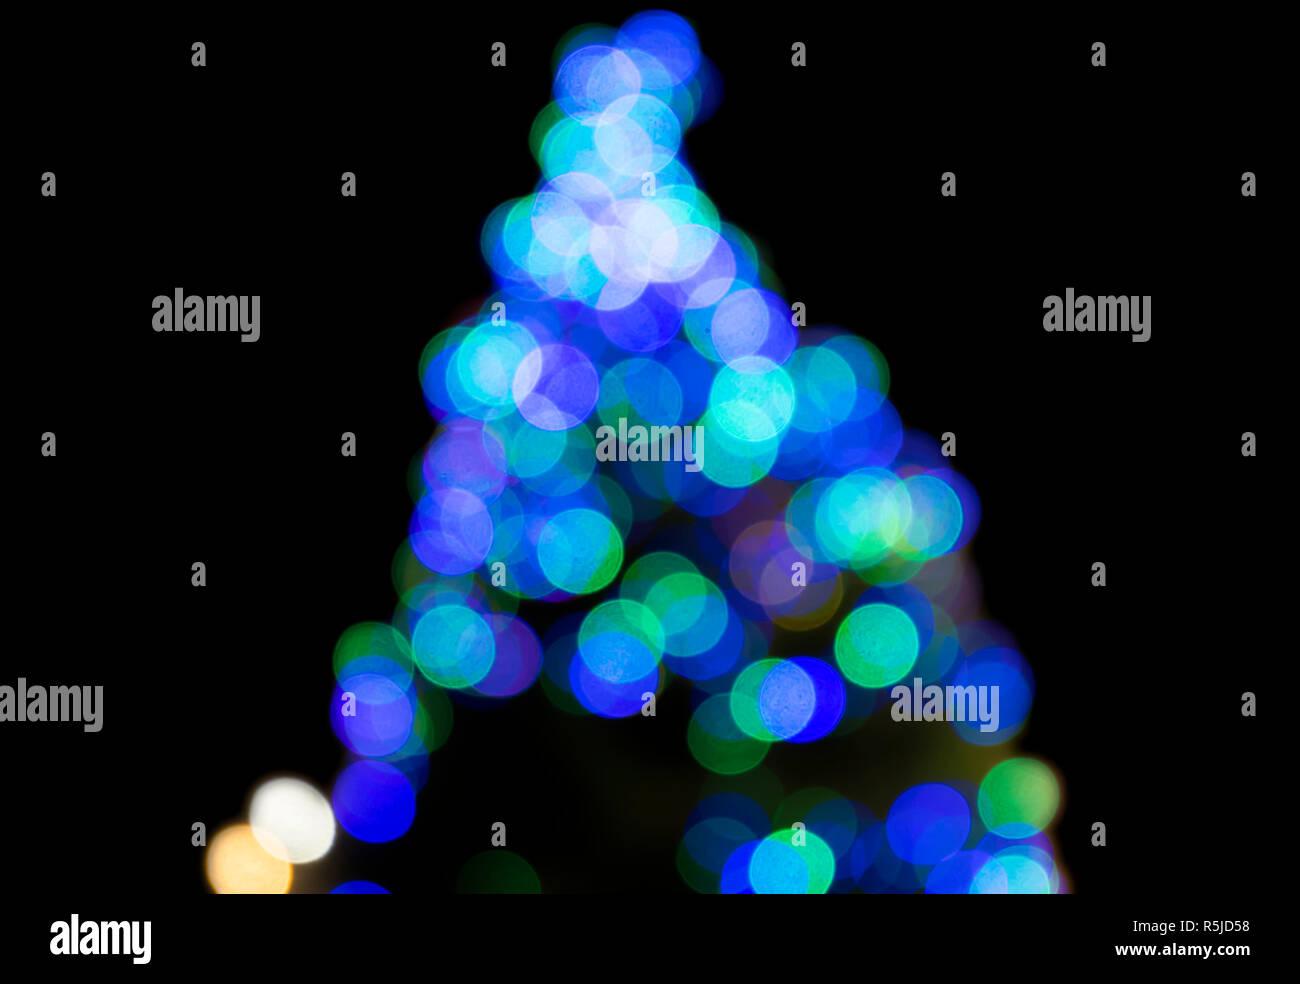 Weihnachtsbaum bunte Lichter, verschwommenes eine abstrakte Wirkung zu geben. Stockbild